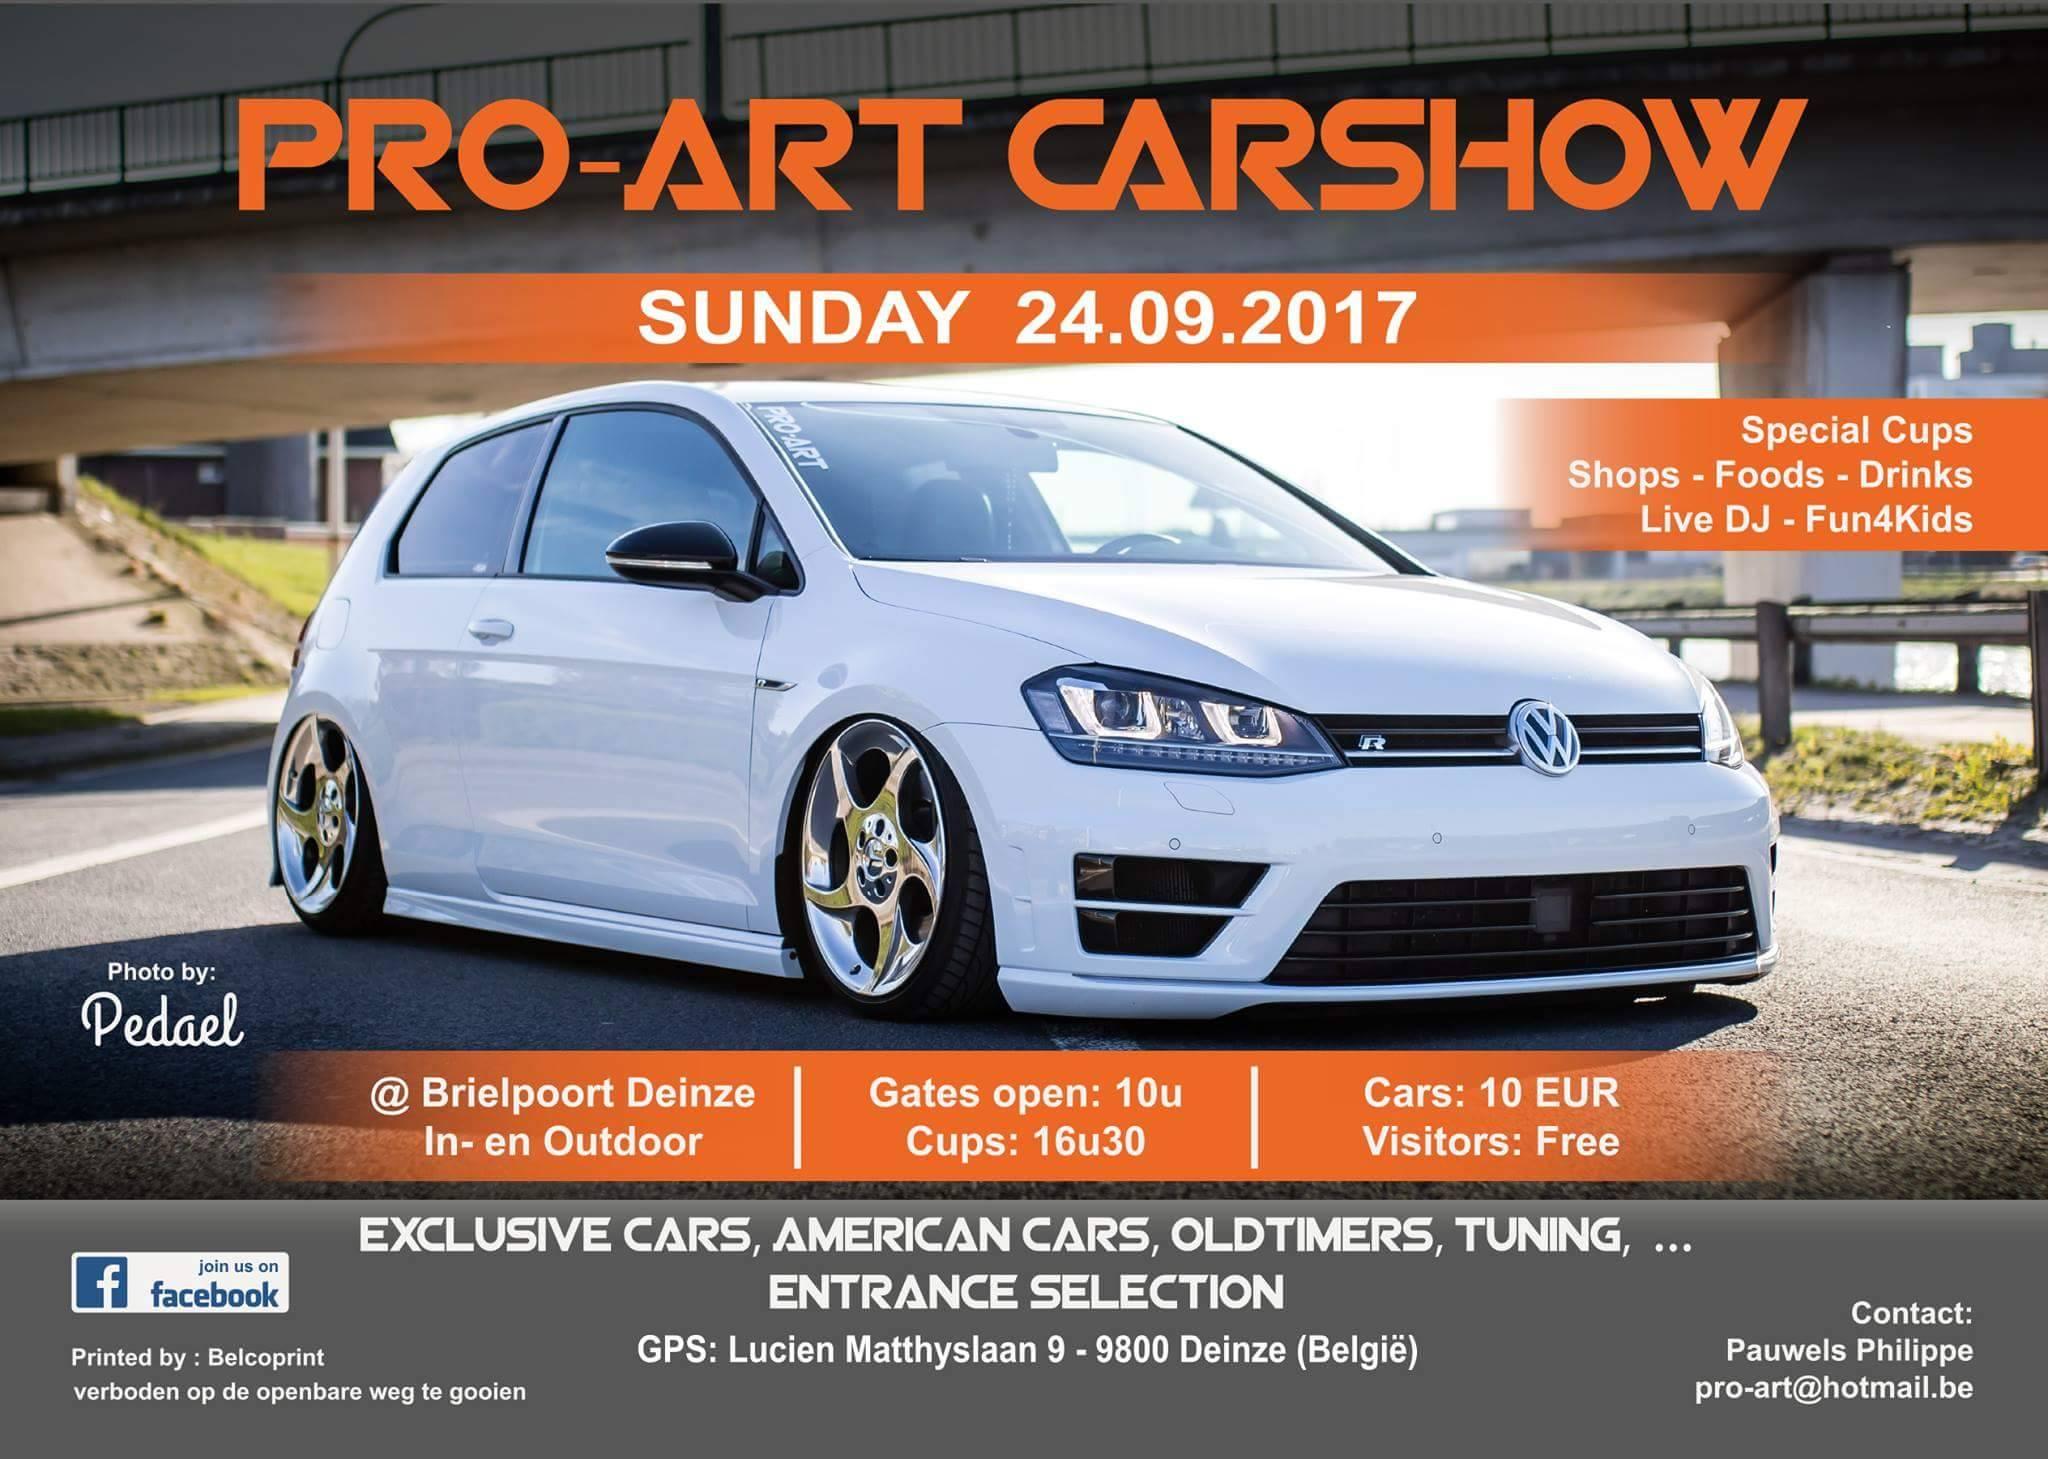 ProArt carshow 2017